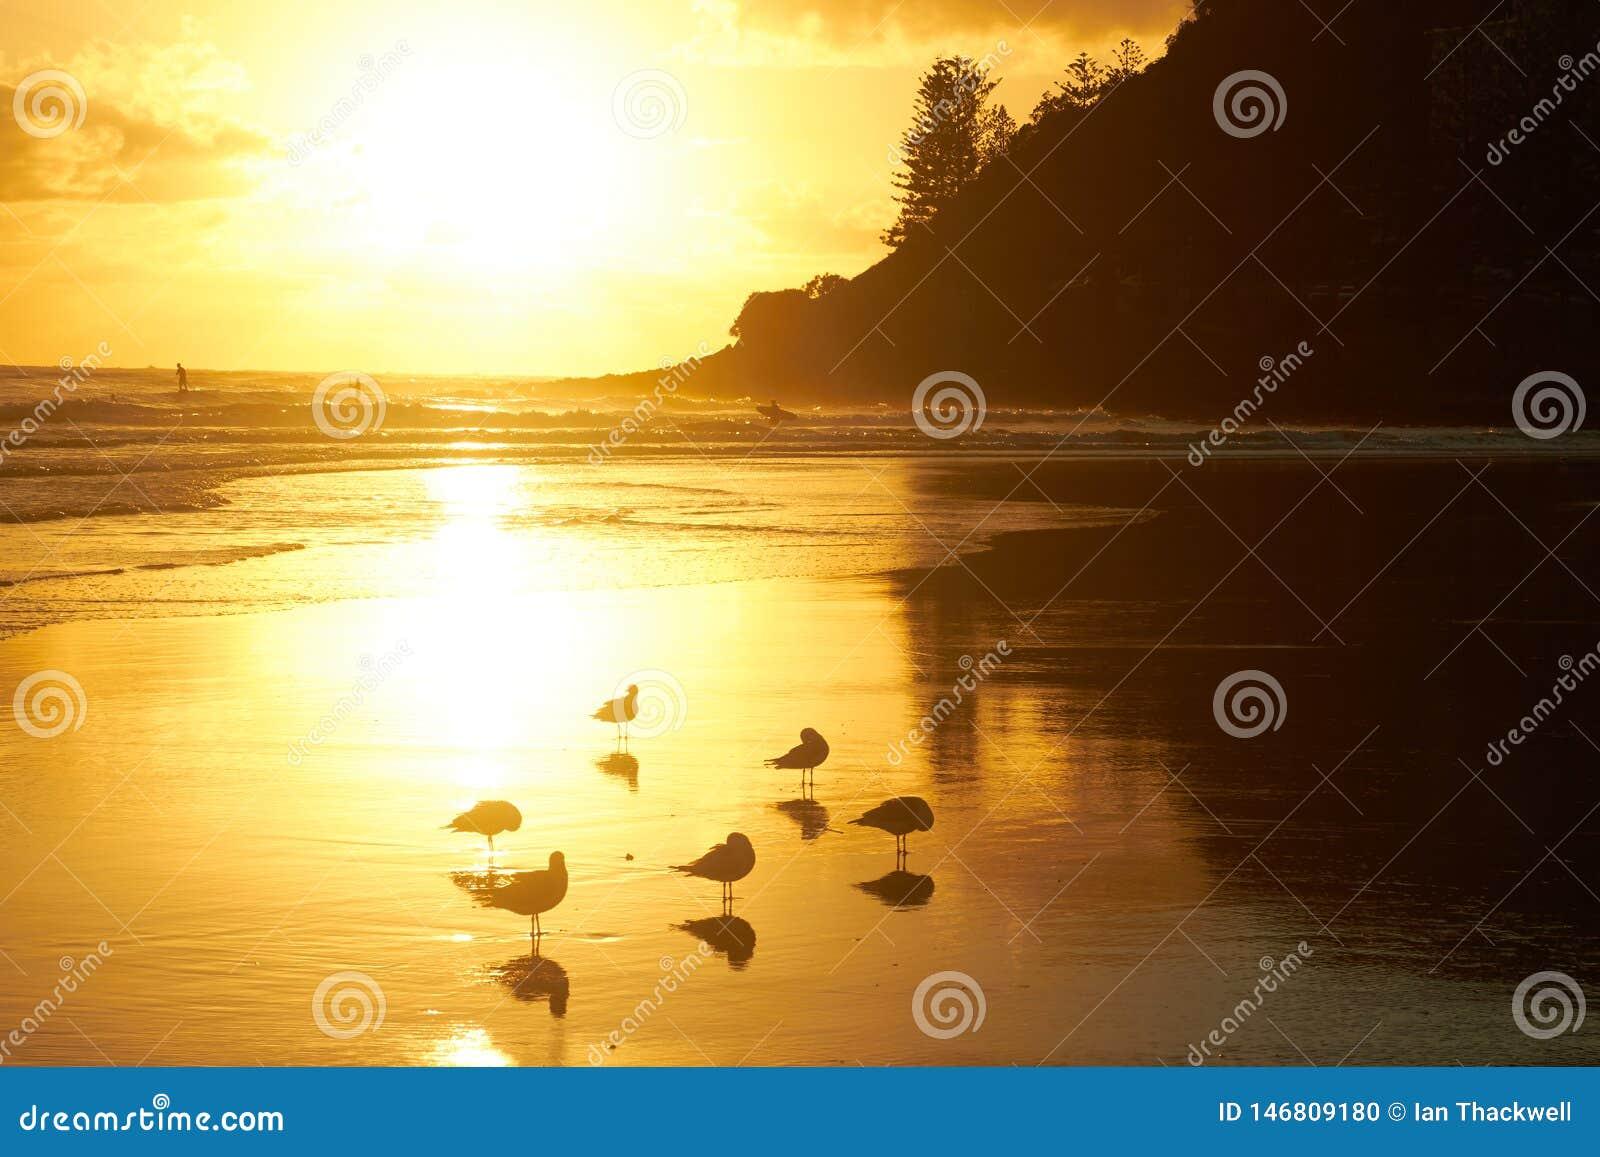 Gabbiani su una spiaggia dorata gloriosa ad alba